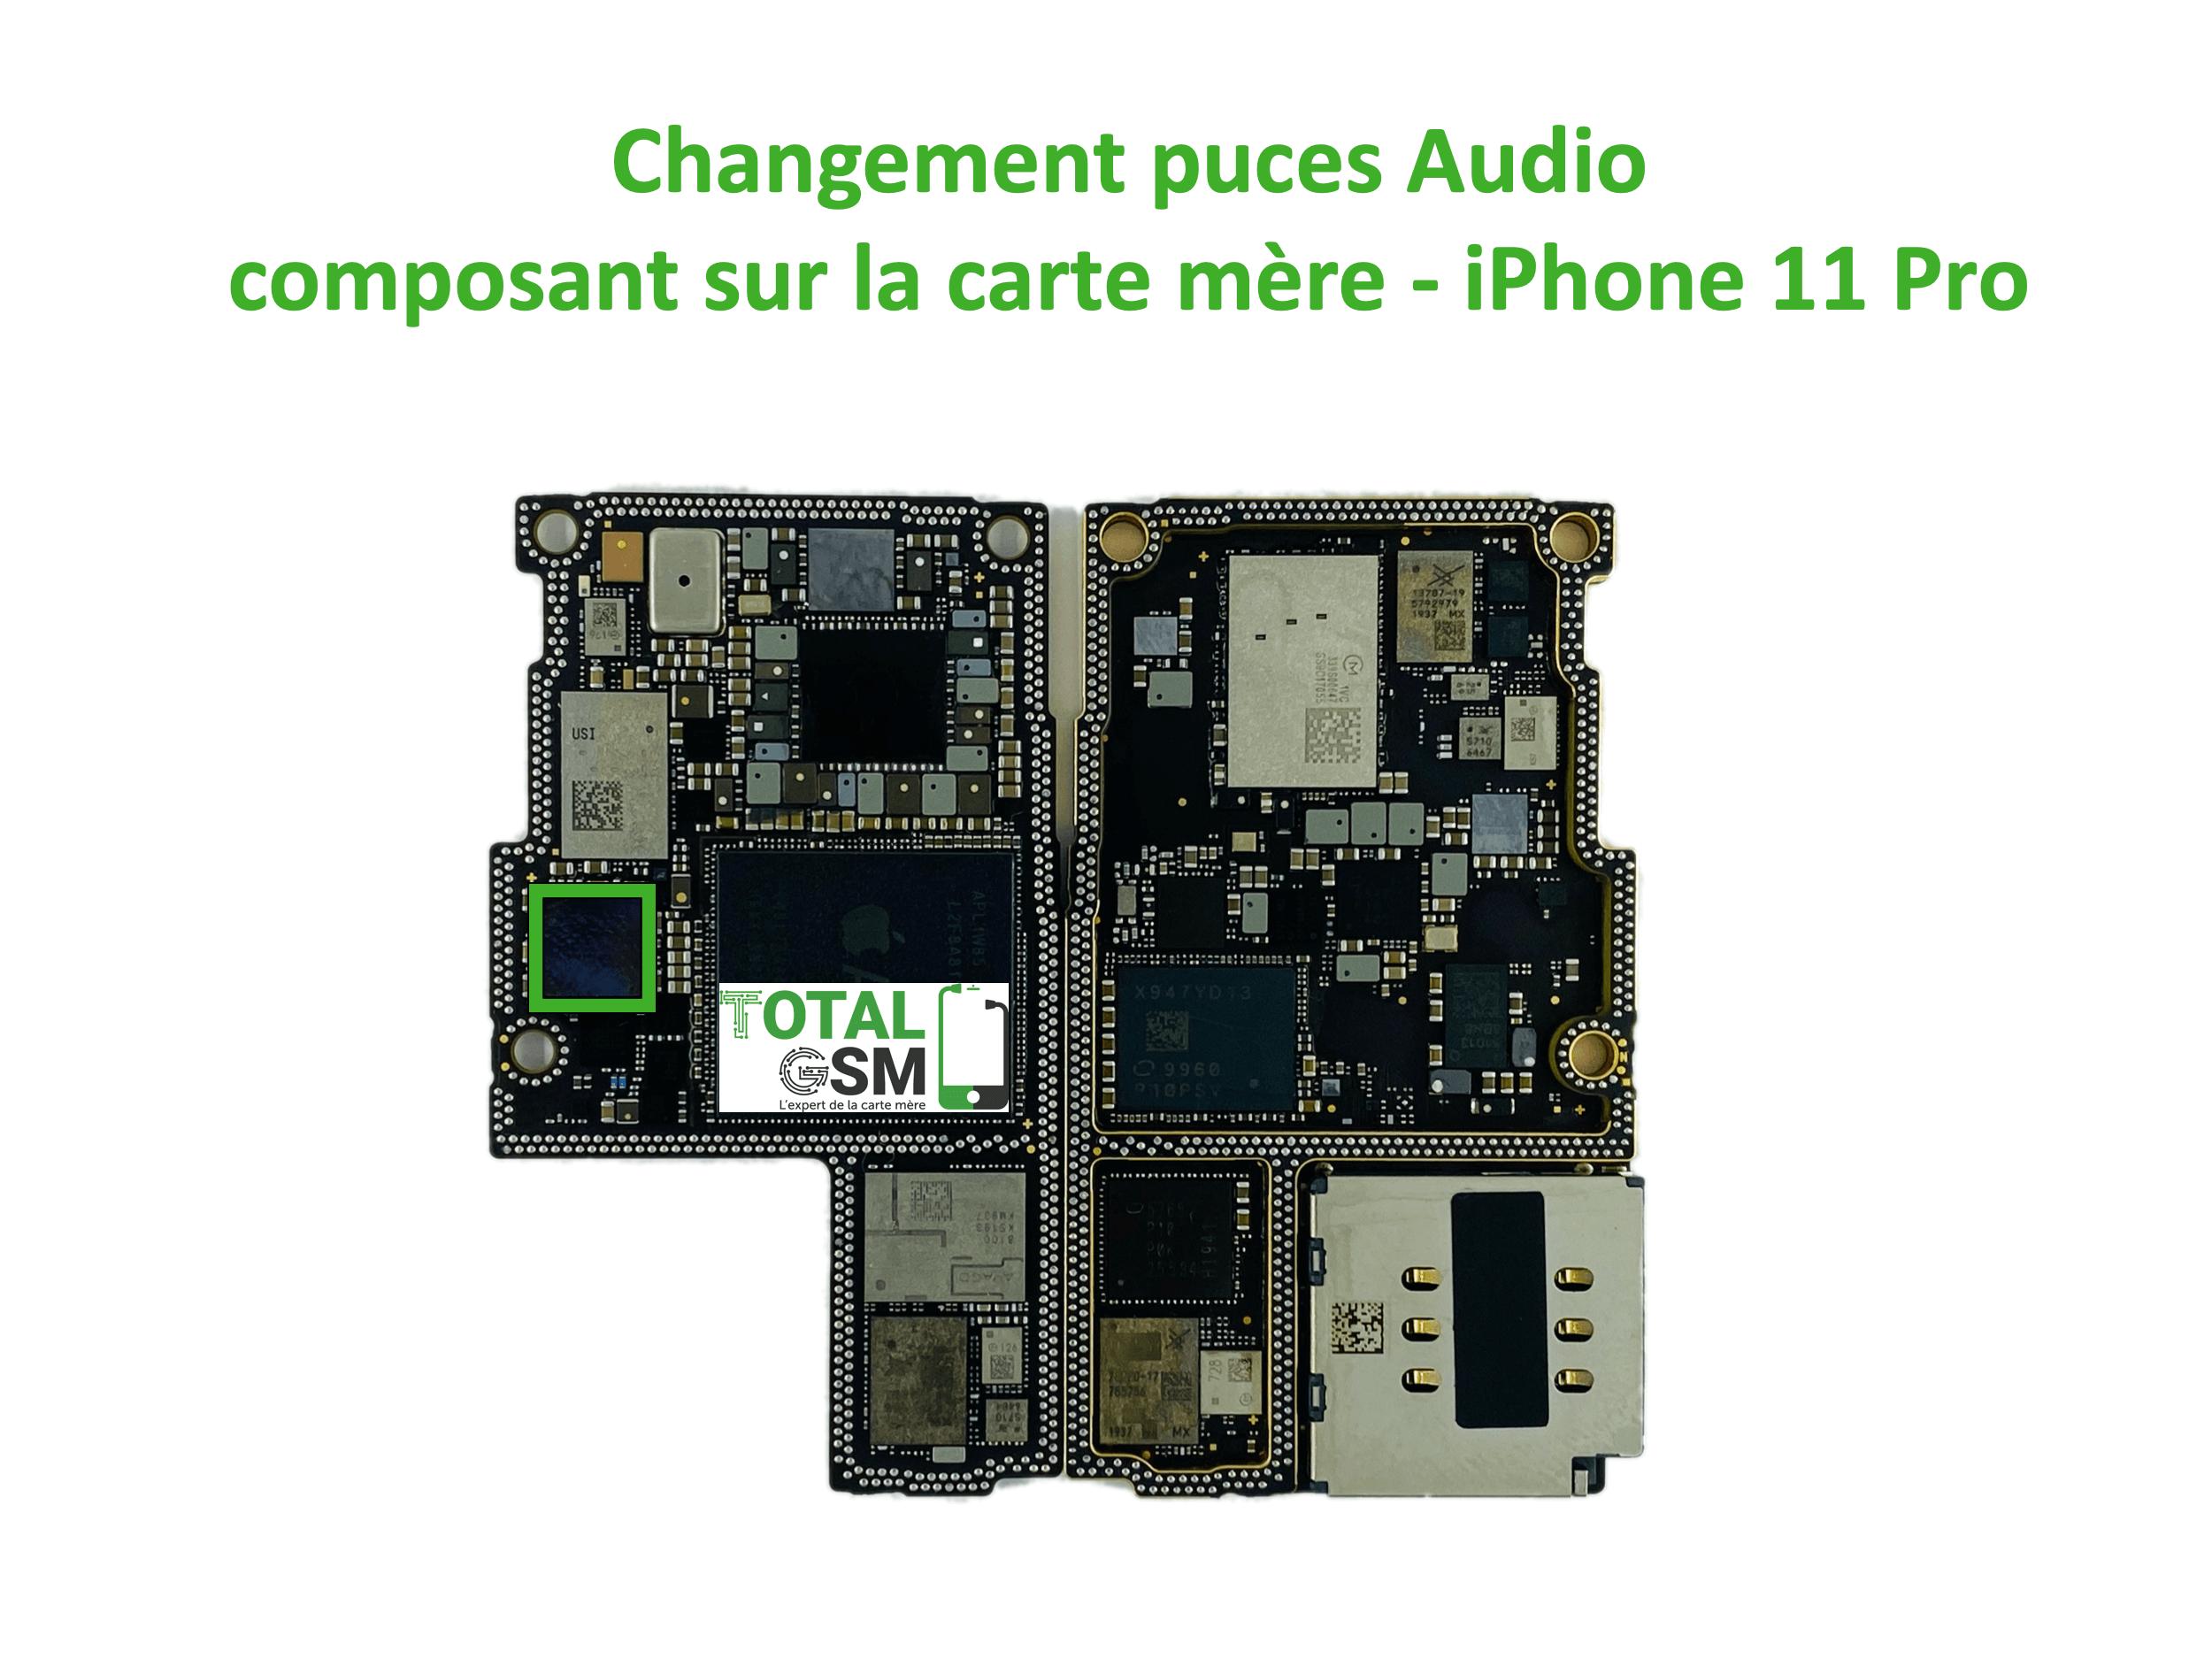 iPhone-11-pro-reparation-probleme-de-pouce-audio